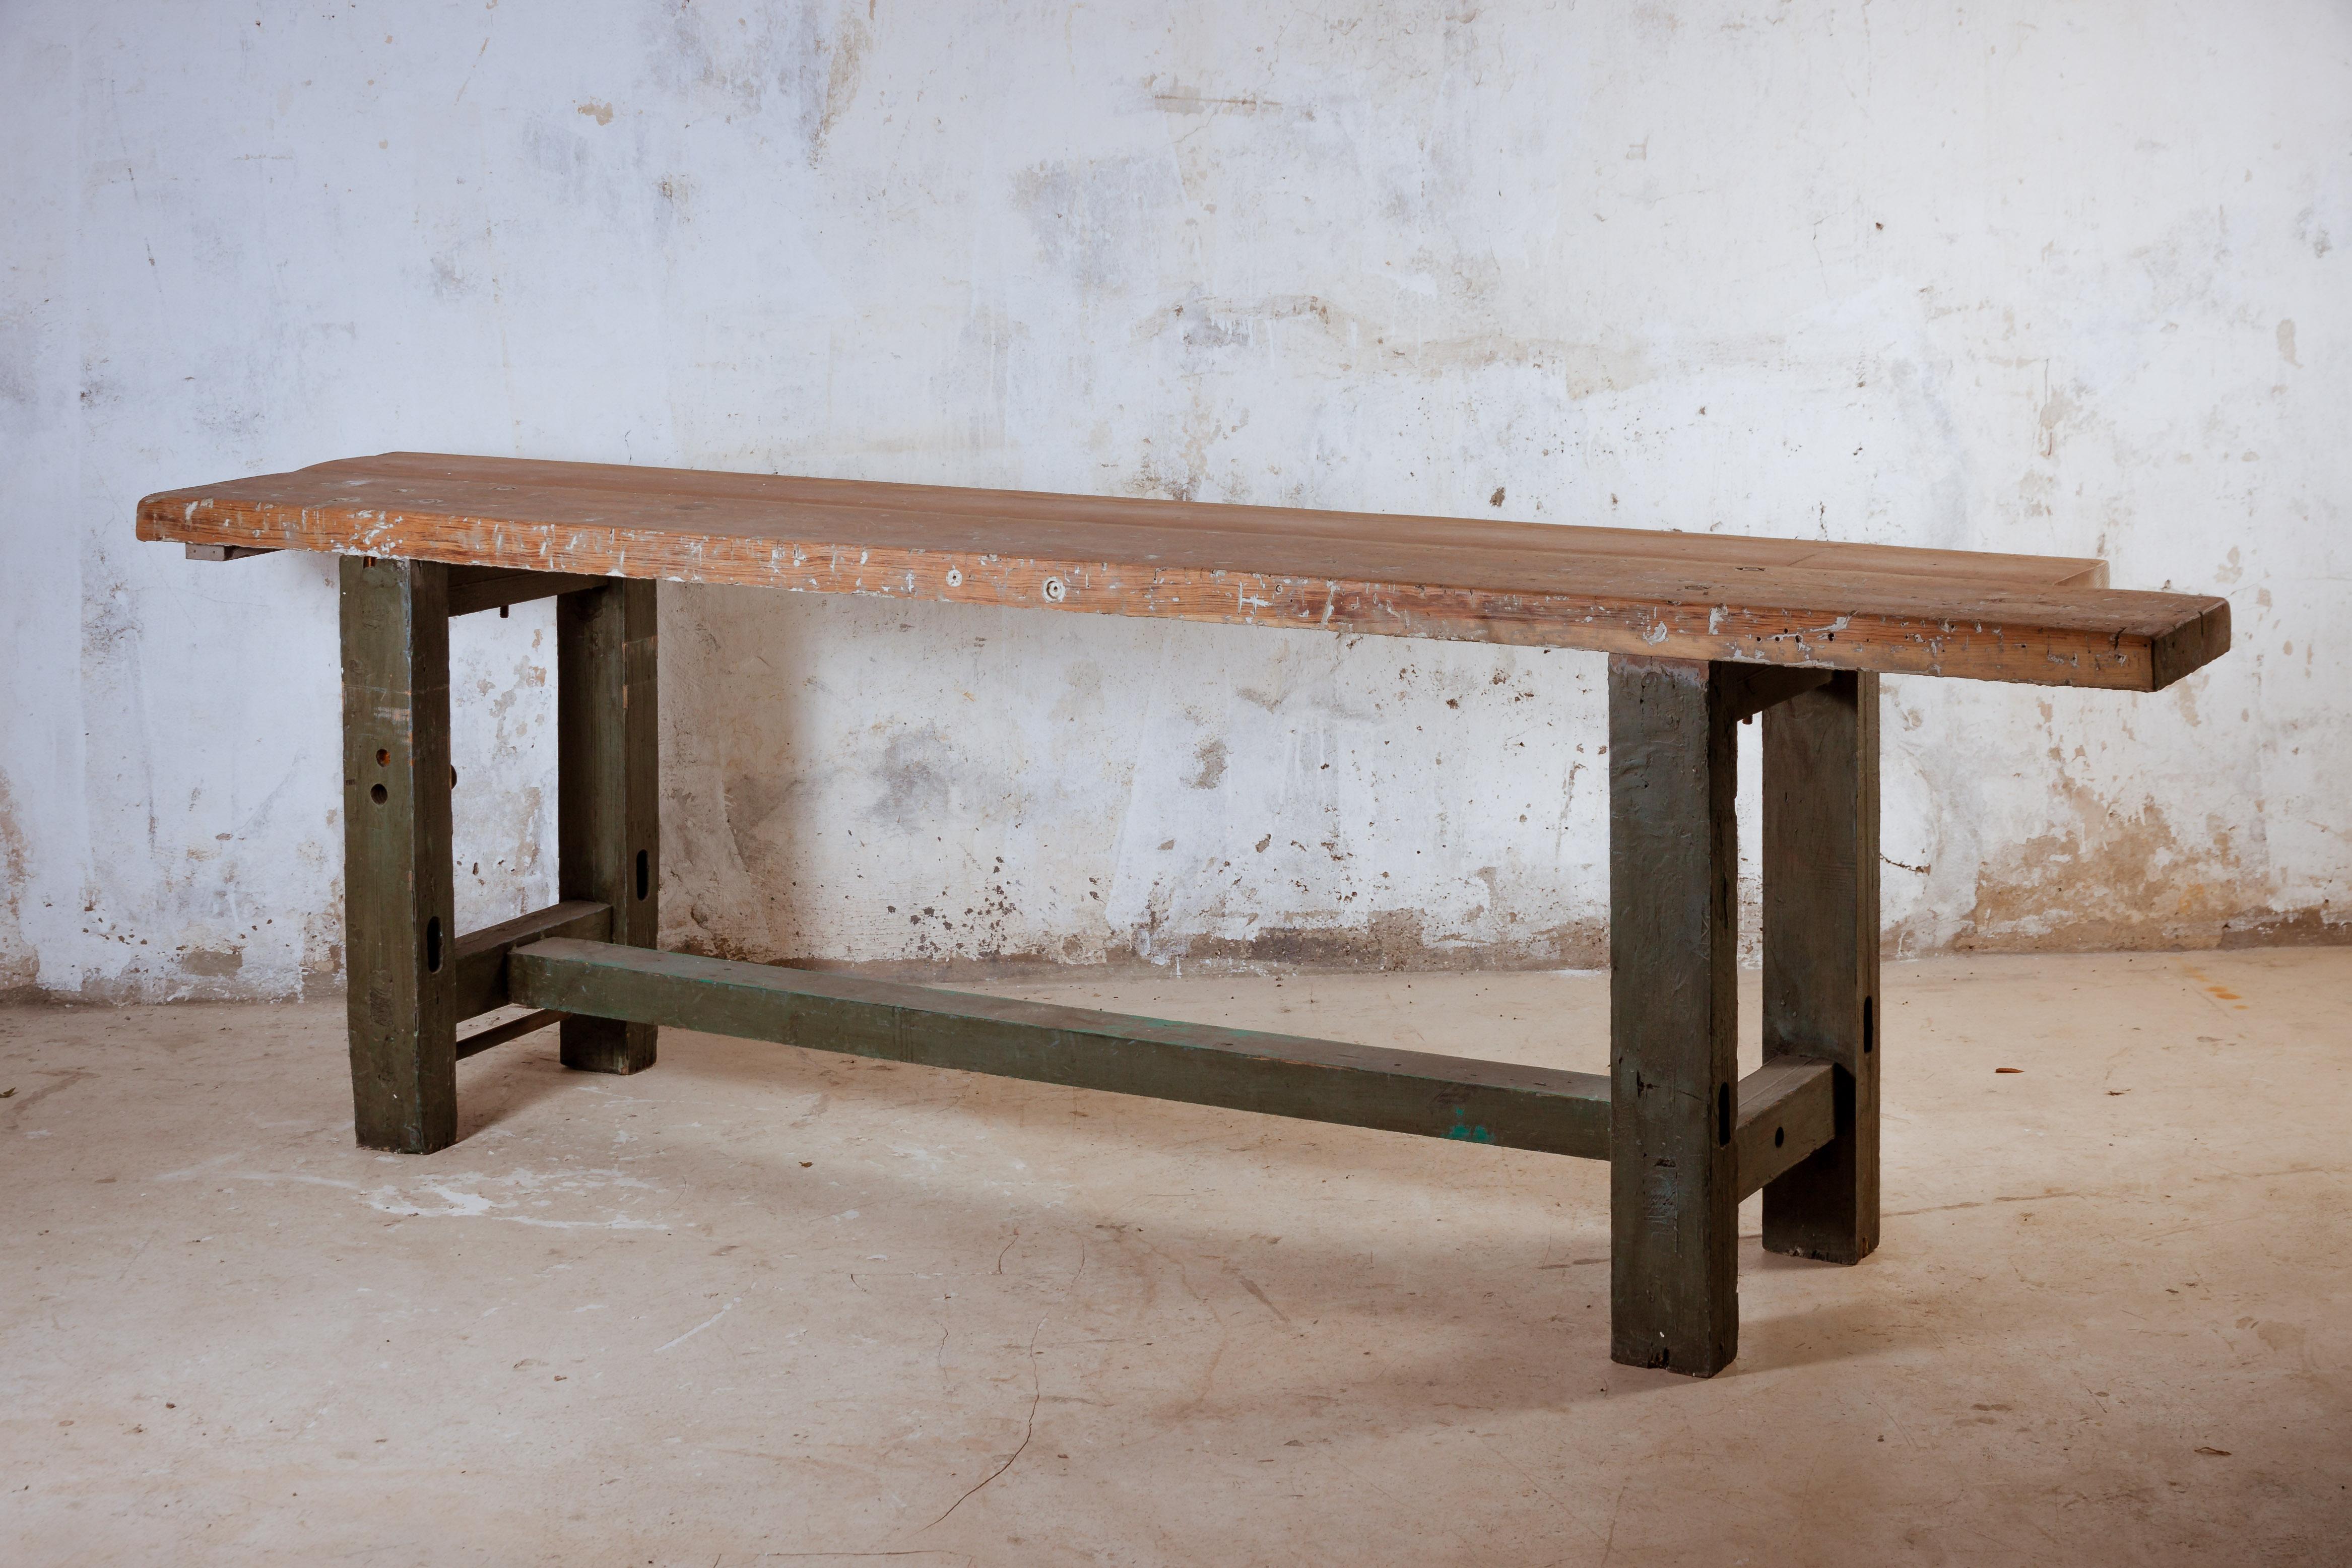 Mesa de carpintero recuperada polonium 209 for Mesa de carpintero